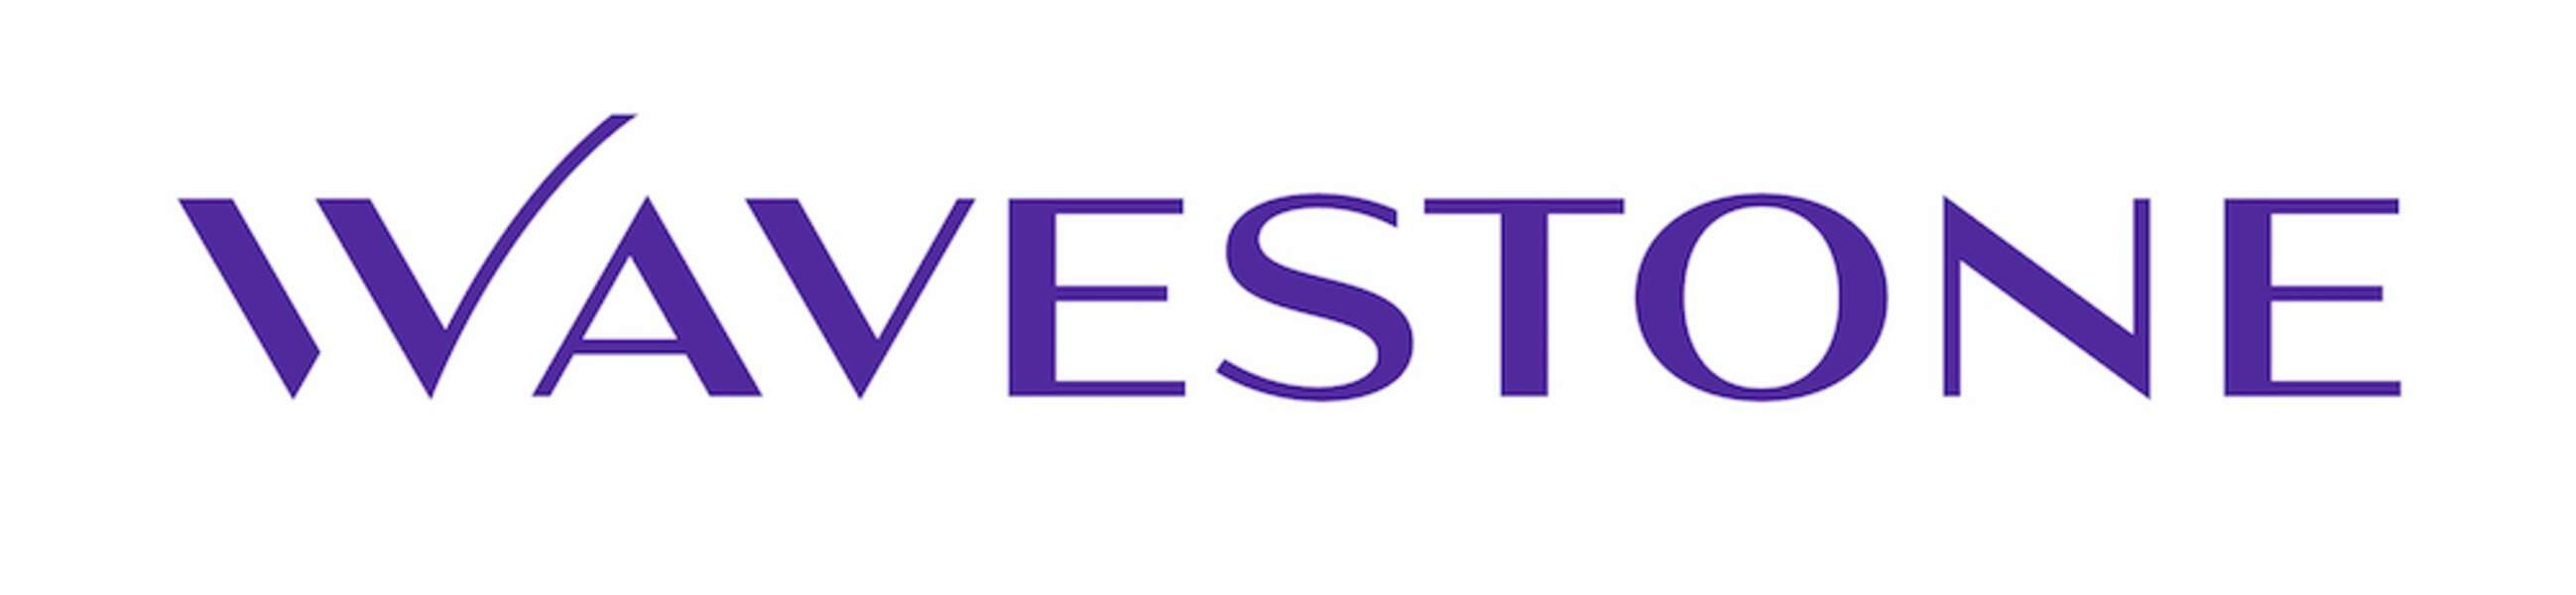 Wavestone (conseil) : 650 postes à saisir